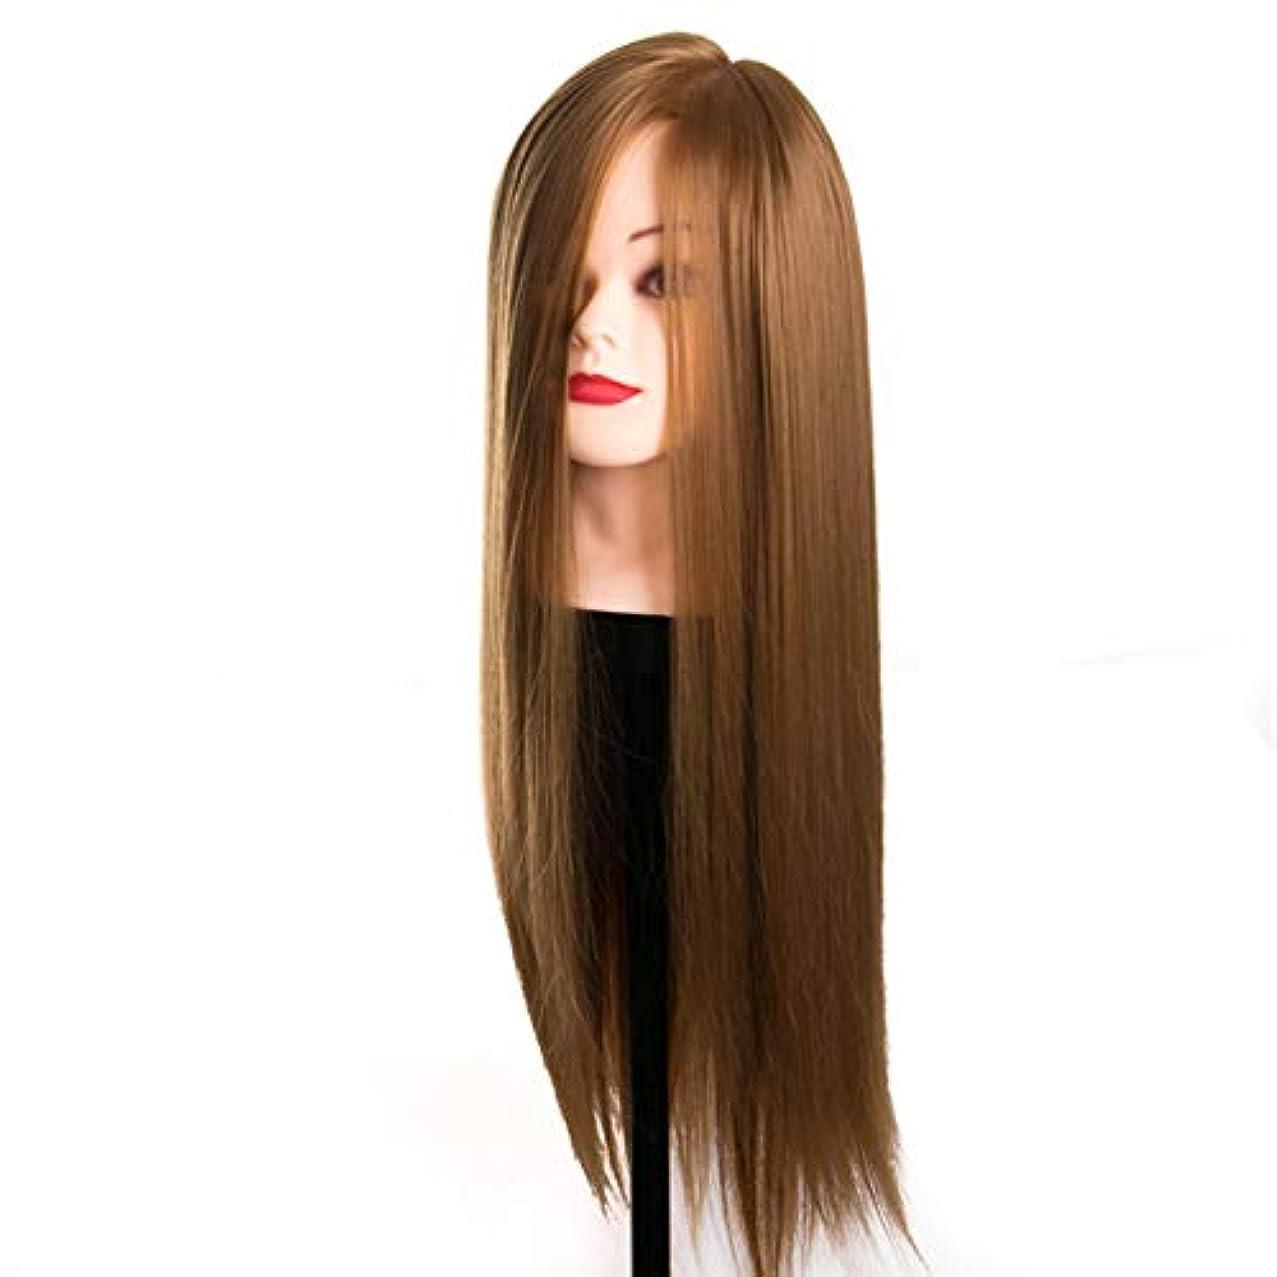 メイクディスクヘアスタイリング編み教育ダミーヘッド理髪ヘアカットトレーニングかつらサロンエクササイズヘッド金型3個